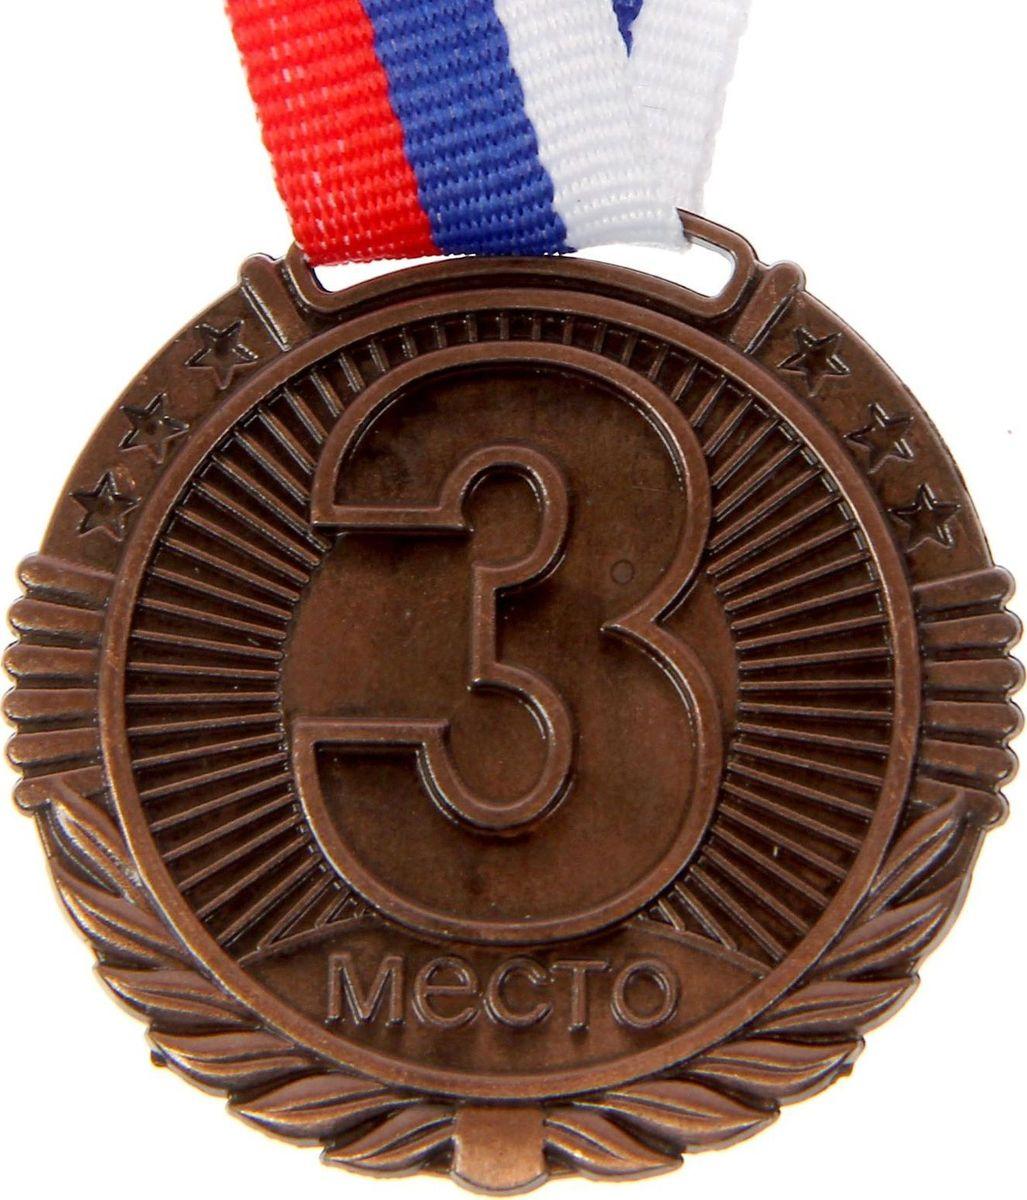 Медаль сувенирная 3 место, цвет: бронзовый, диаметр 4 см. 0421481542Медаль вручается тем, кто проявил настойчивость и волю к победе. Каждый триумф, каждое достижение — это событие, которое должно оставаться в памяти на долгие годы. Любое спортивное состязание, профессиональное или среди любителей, а также корпоративное мероприятие — отличный повод для того, чтобы отметить лучших. Призовая медаль за 3 место изготовлена из металла бронзового цвета.